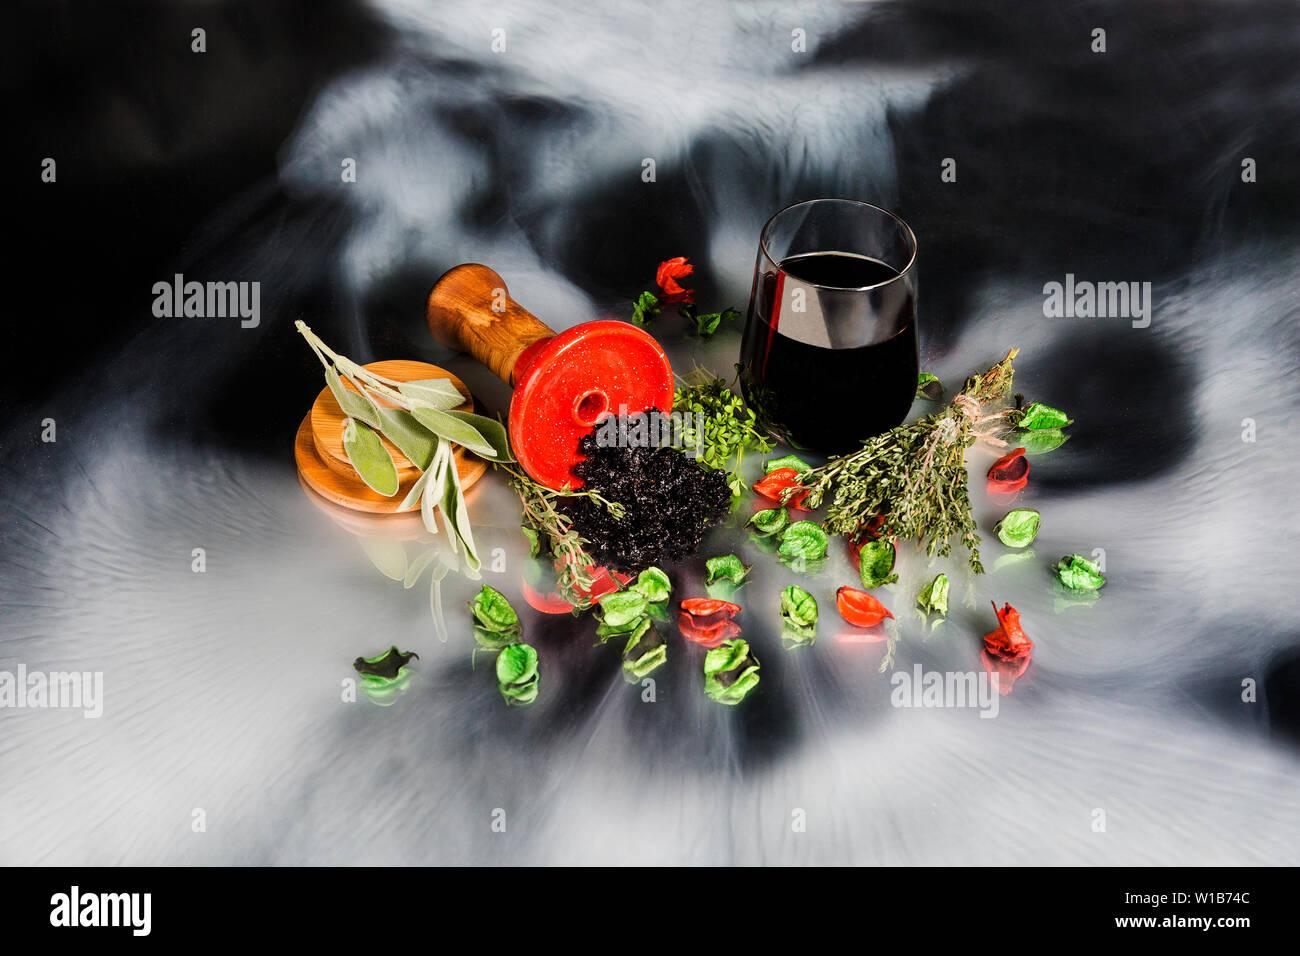 Smoke Shisha Stock Photos & Smoke Shisha Stock Images - Alamy